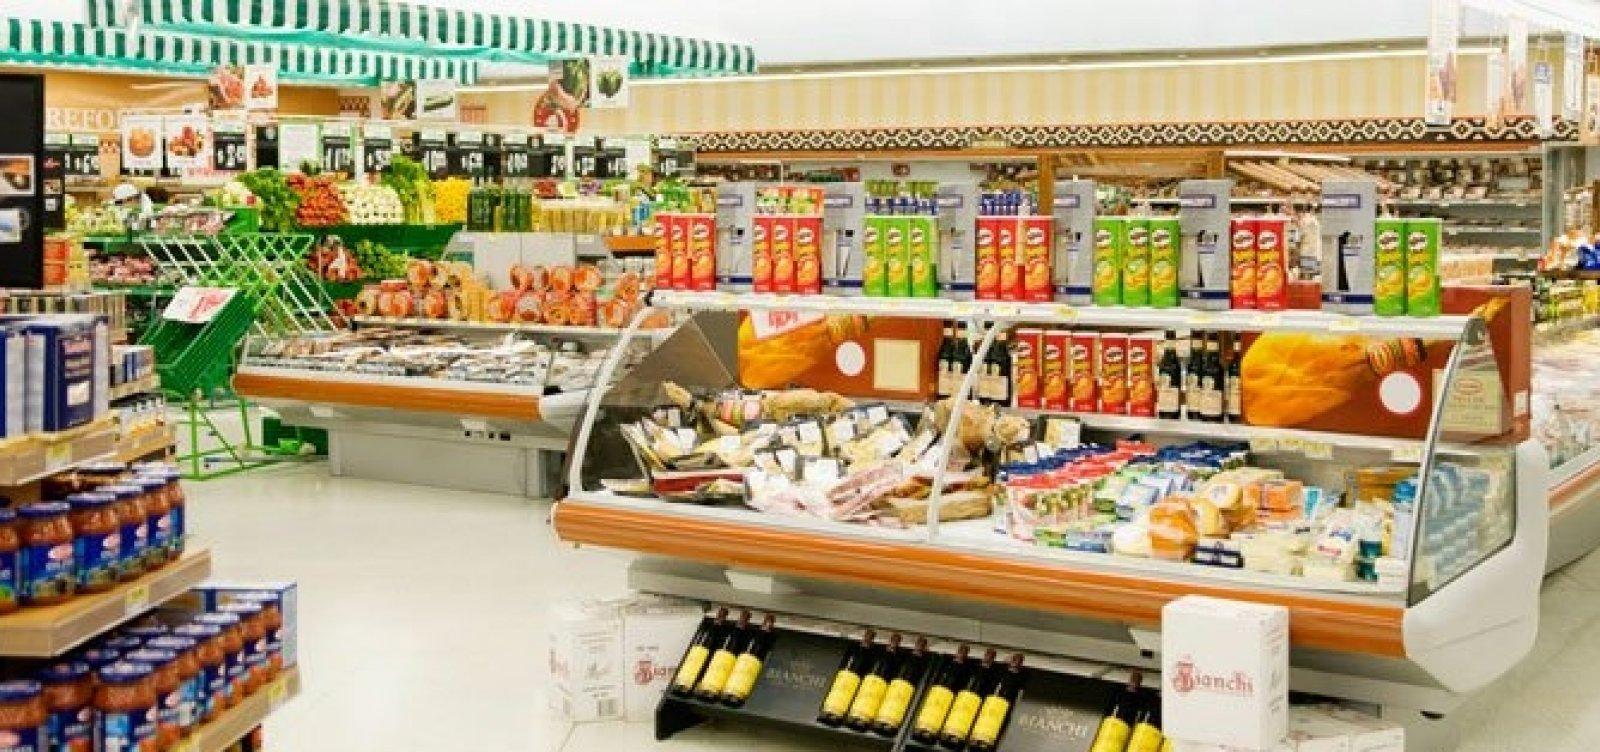 IBGE aponta prévia da inflação oficial em 0,09% em setembro